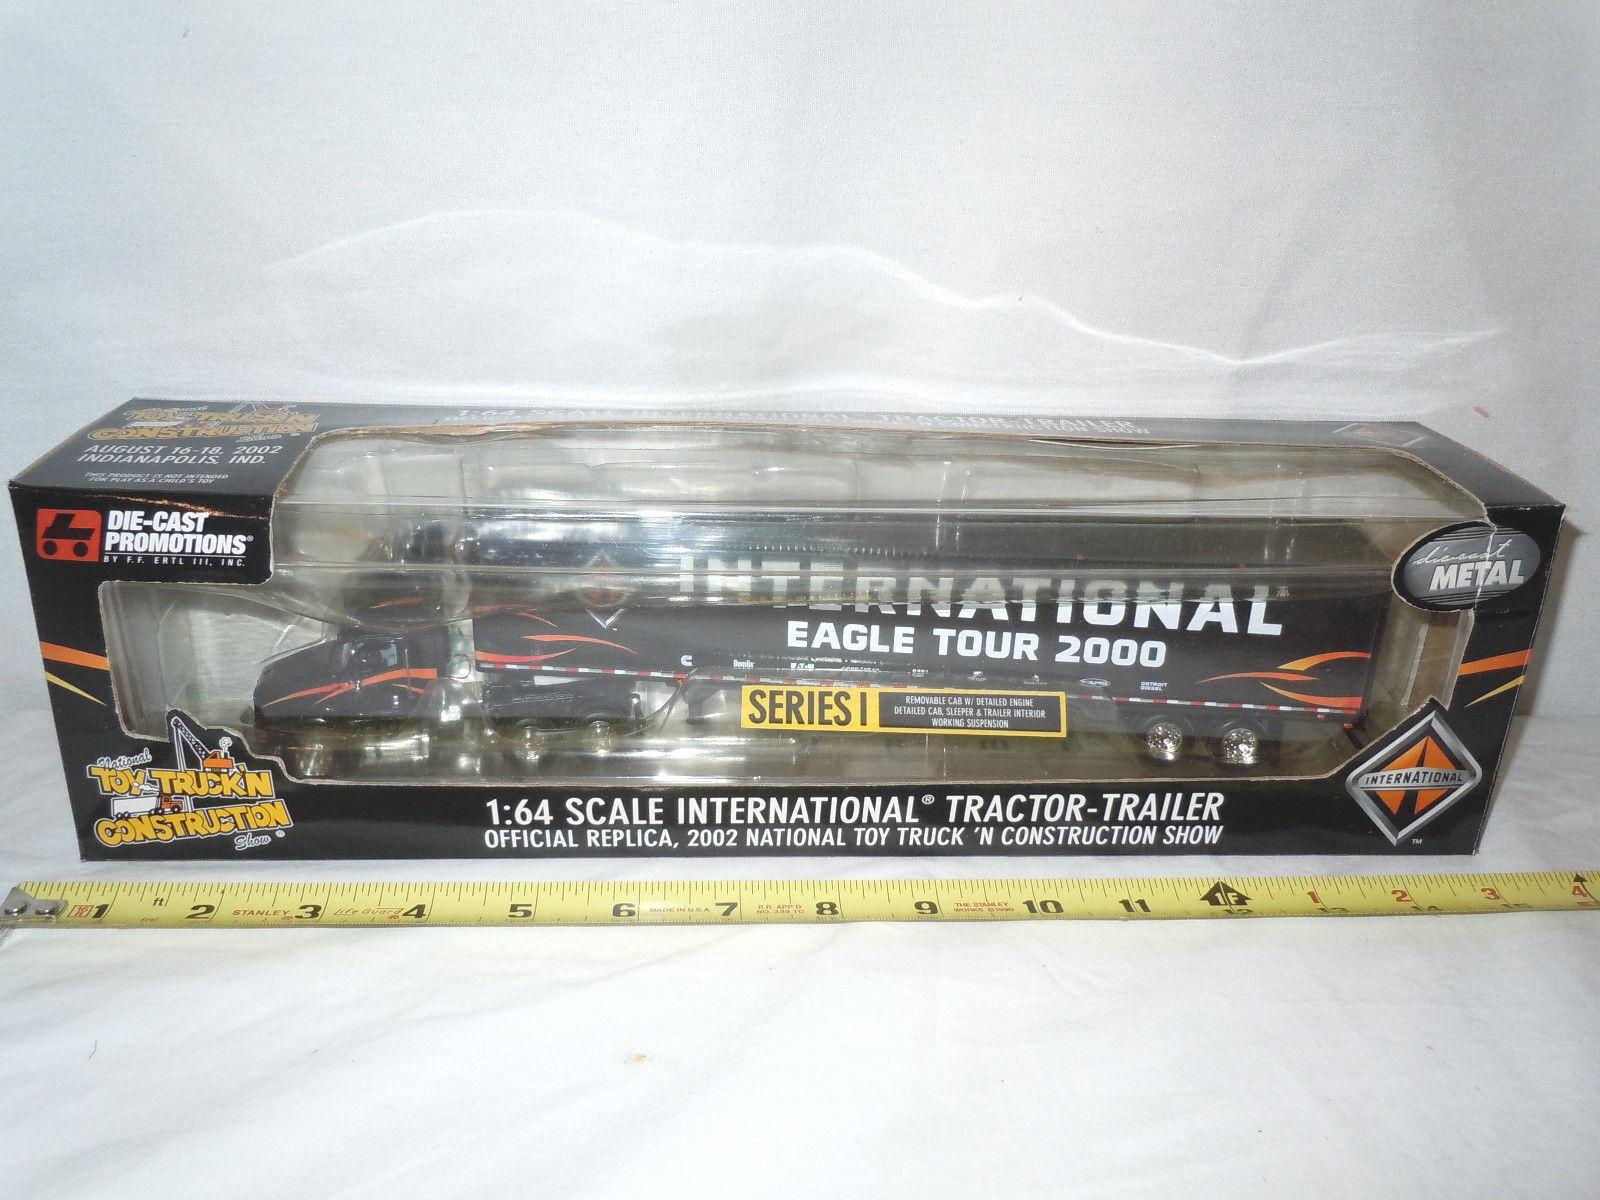 International Eagle Tour 2000 Semi Avec Remorque 2002 nttcs Edition par DCP